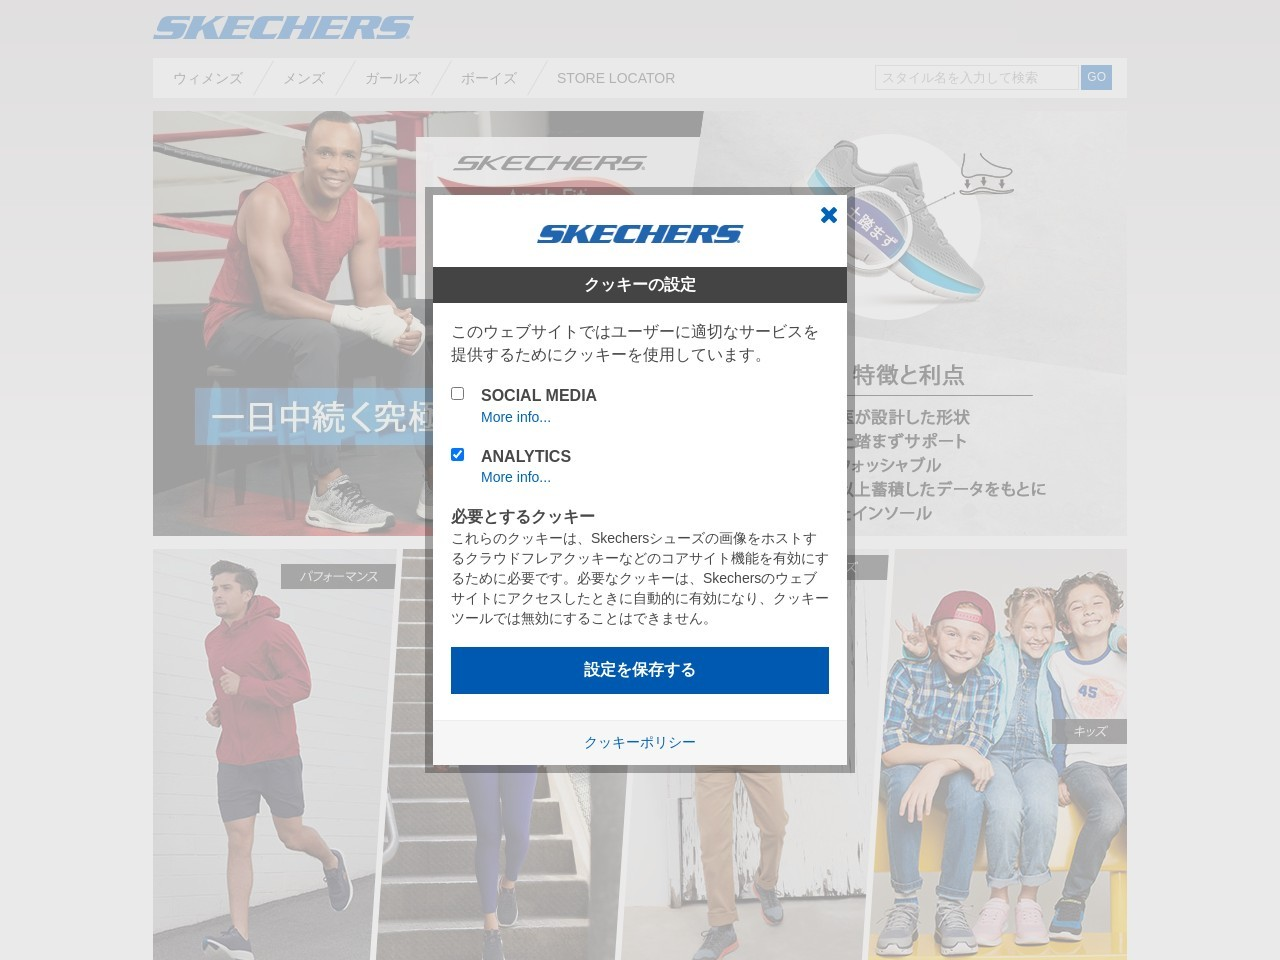 スケッチャーズジャパン オフィシャルウェブサイト - SKECHERS Japan